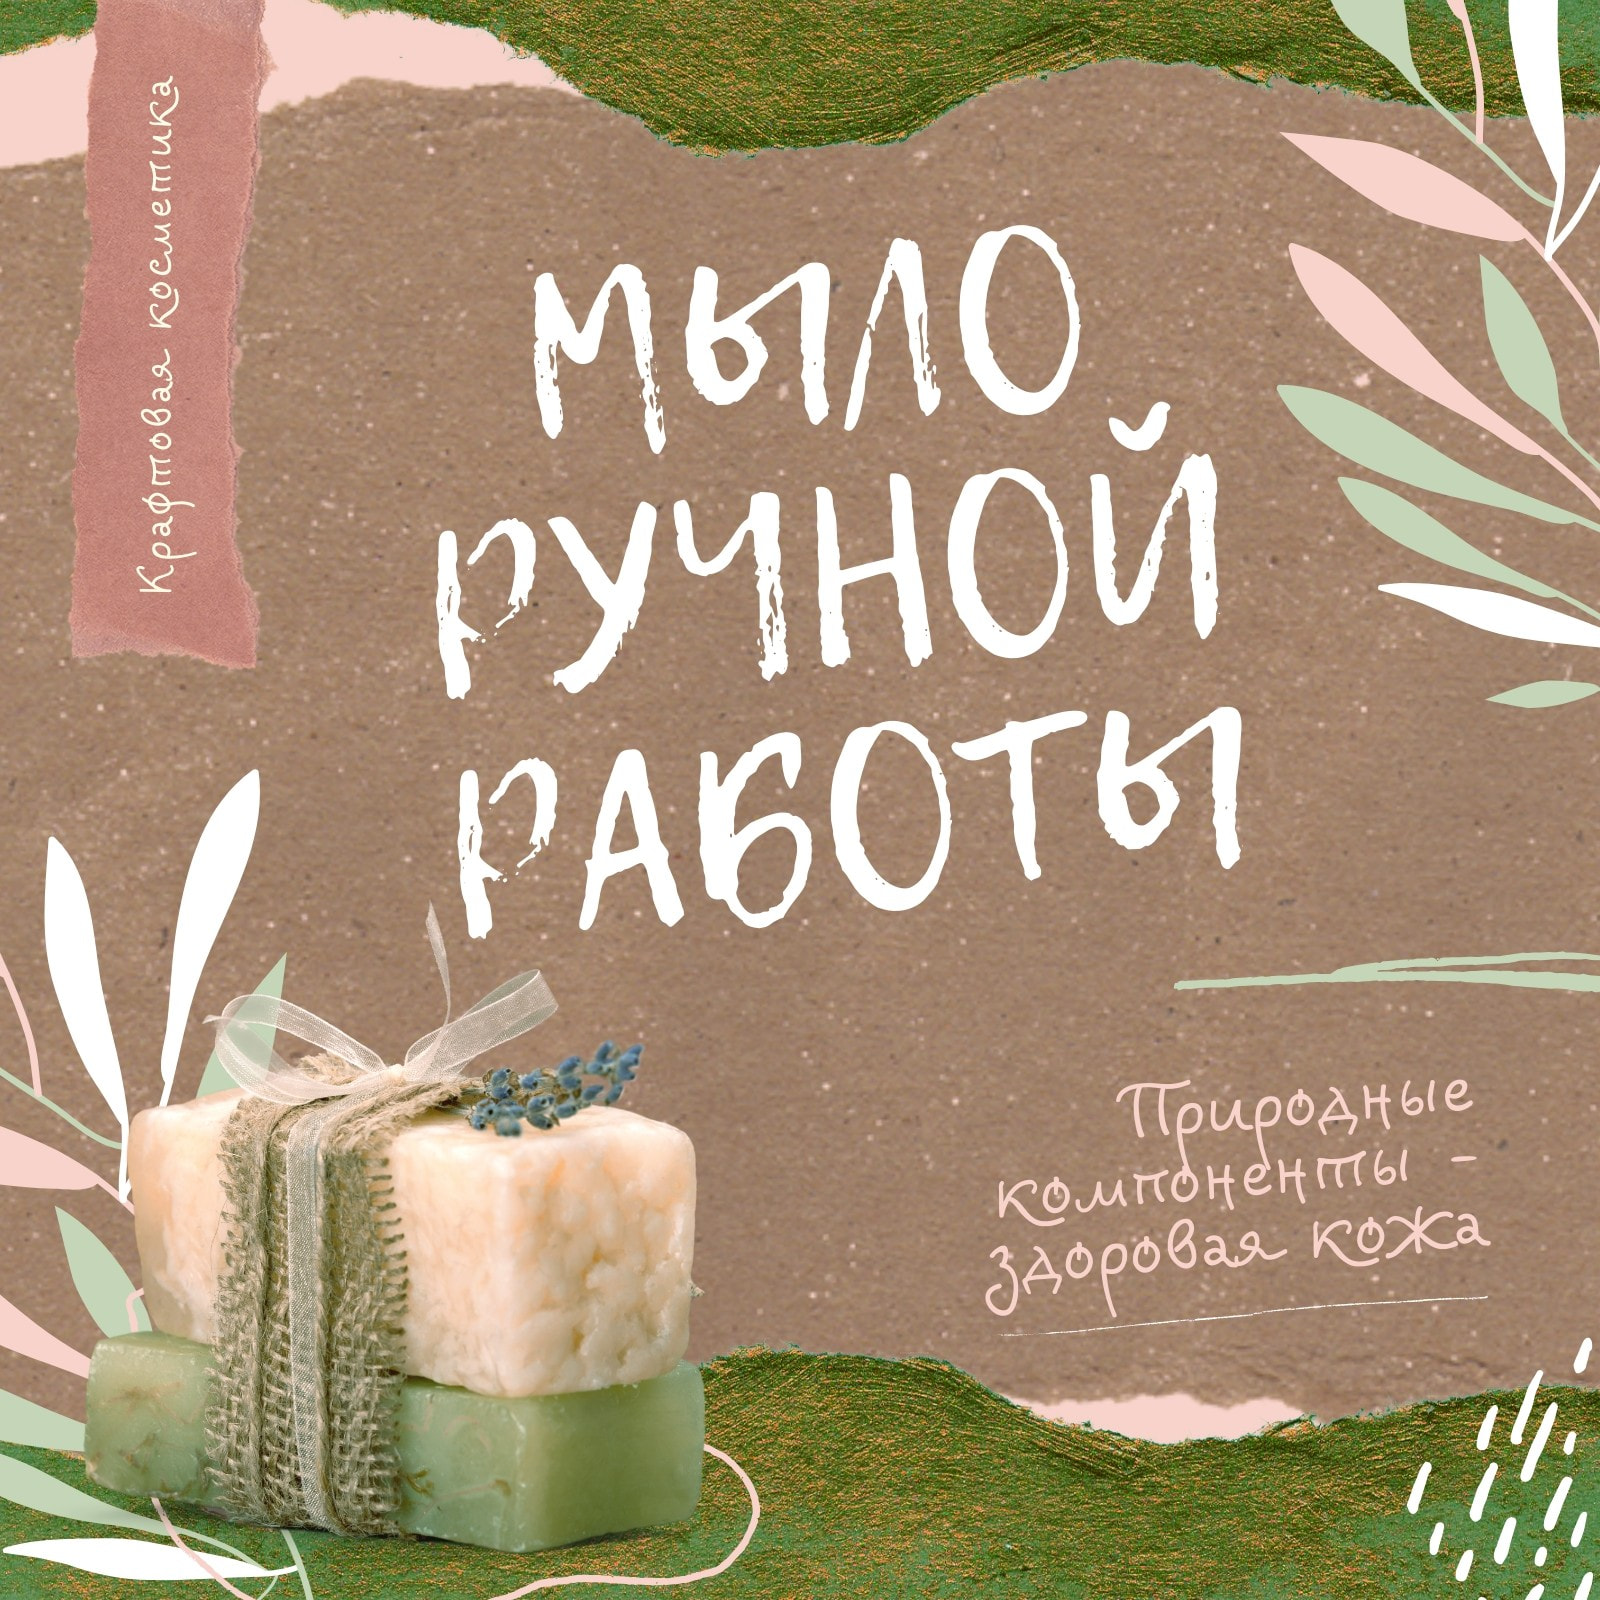 Зелено-розовая публикация в Instagram с натуральным мылом